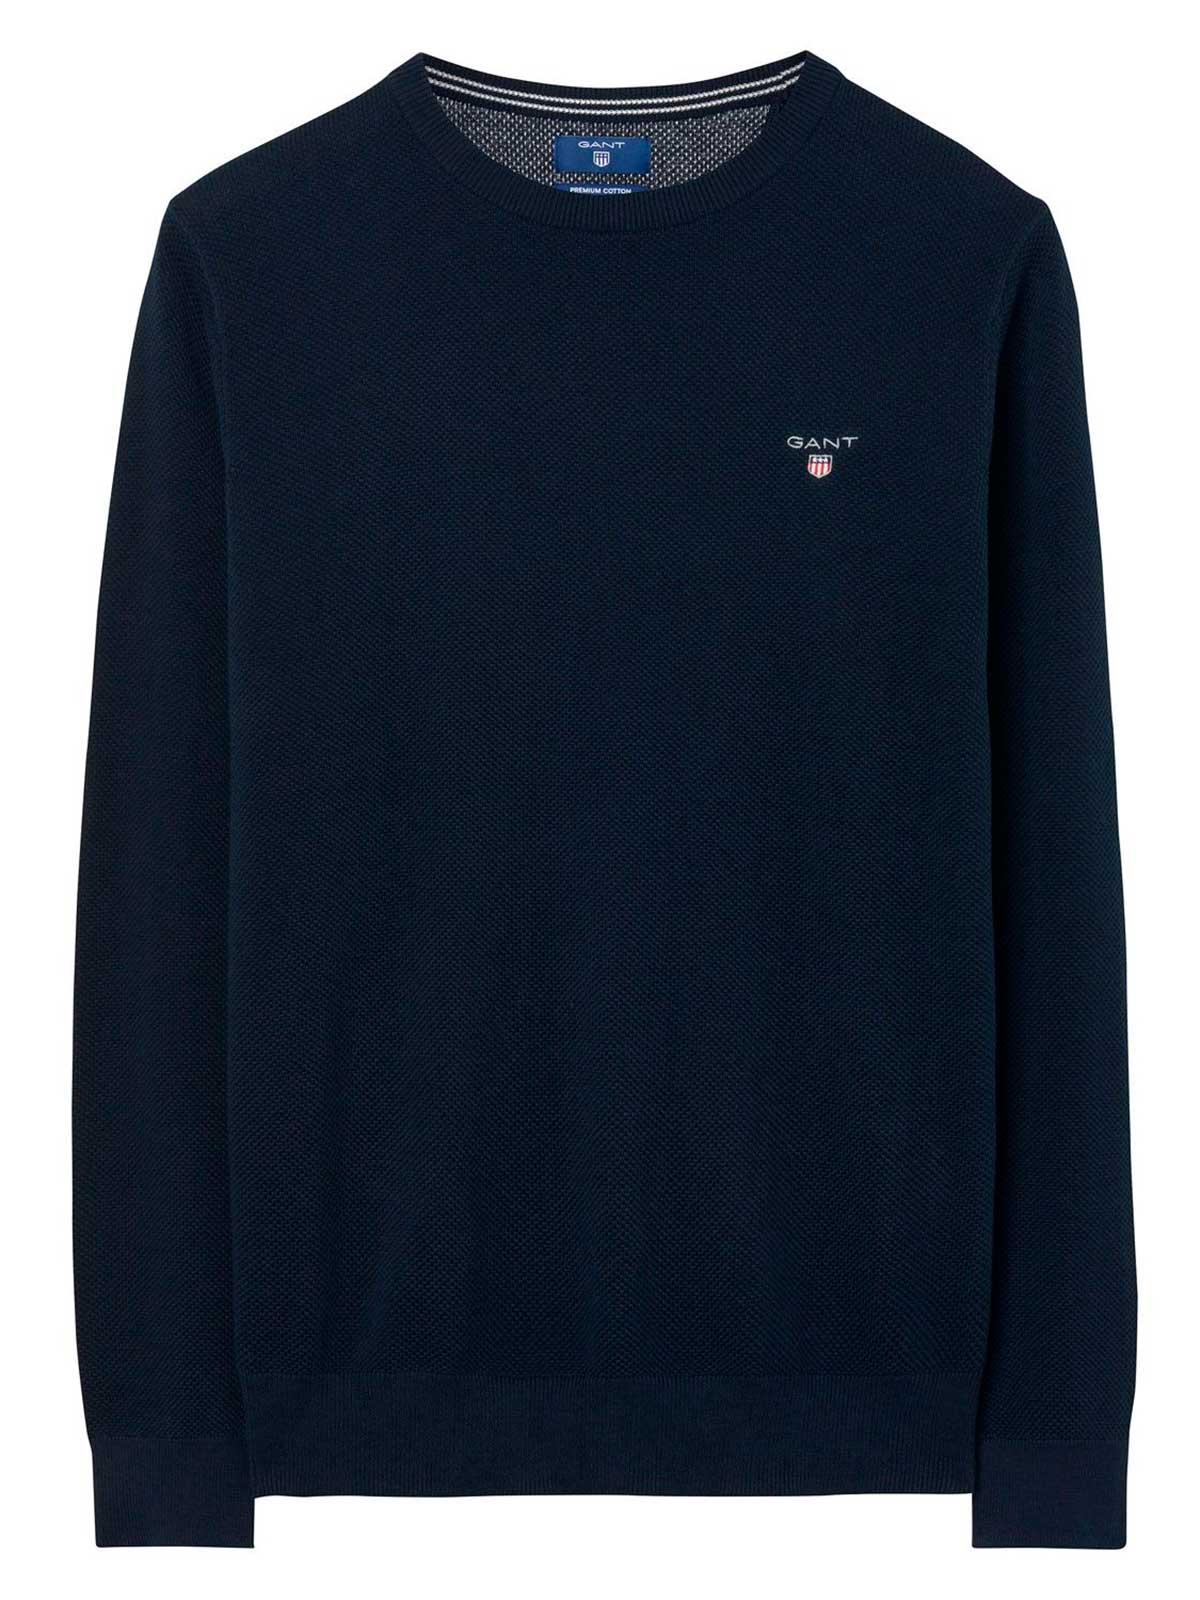 Picture of GANT | Men's Cotton Piqué Sweater